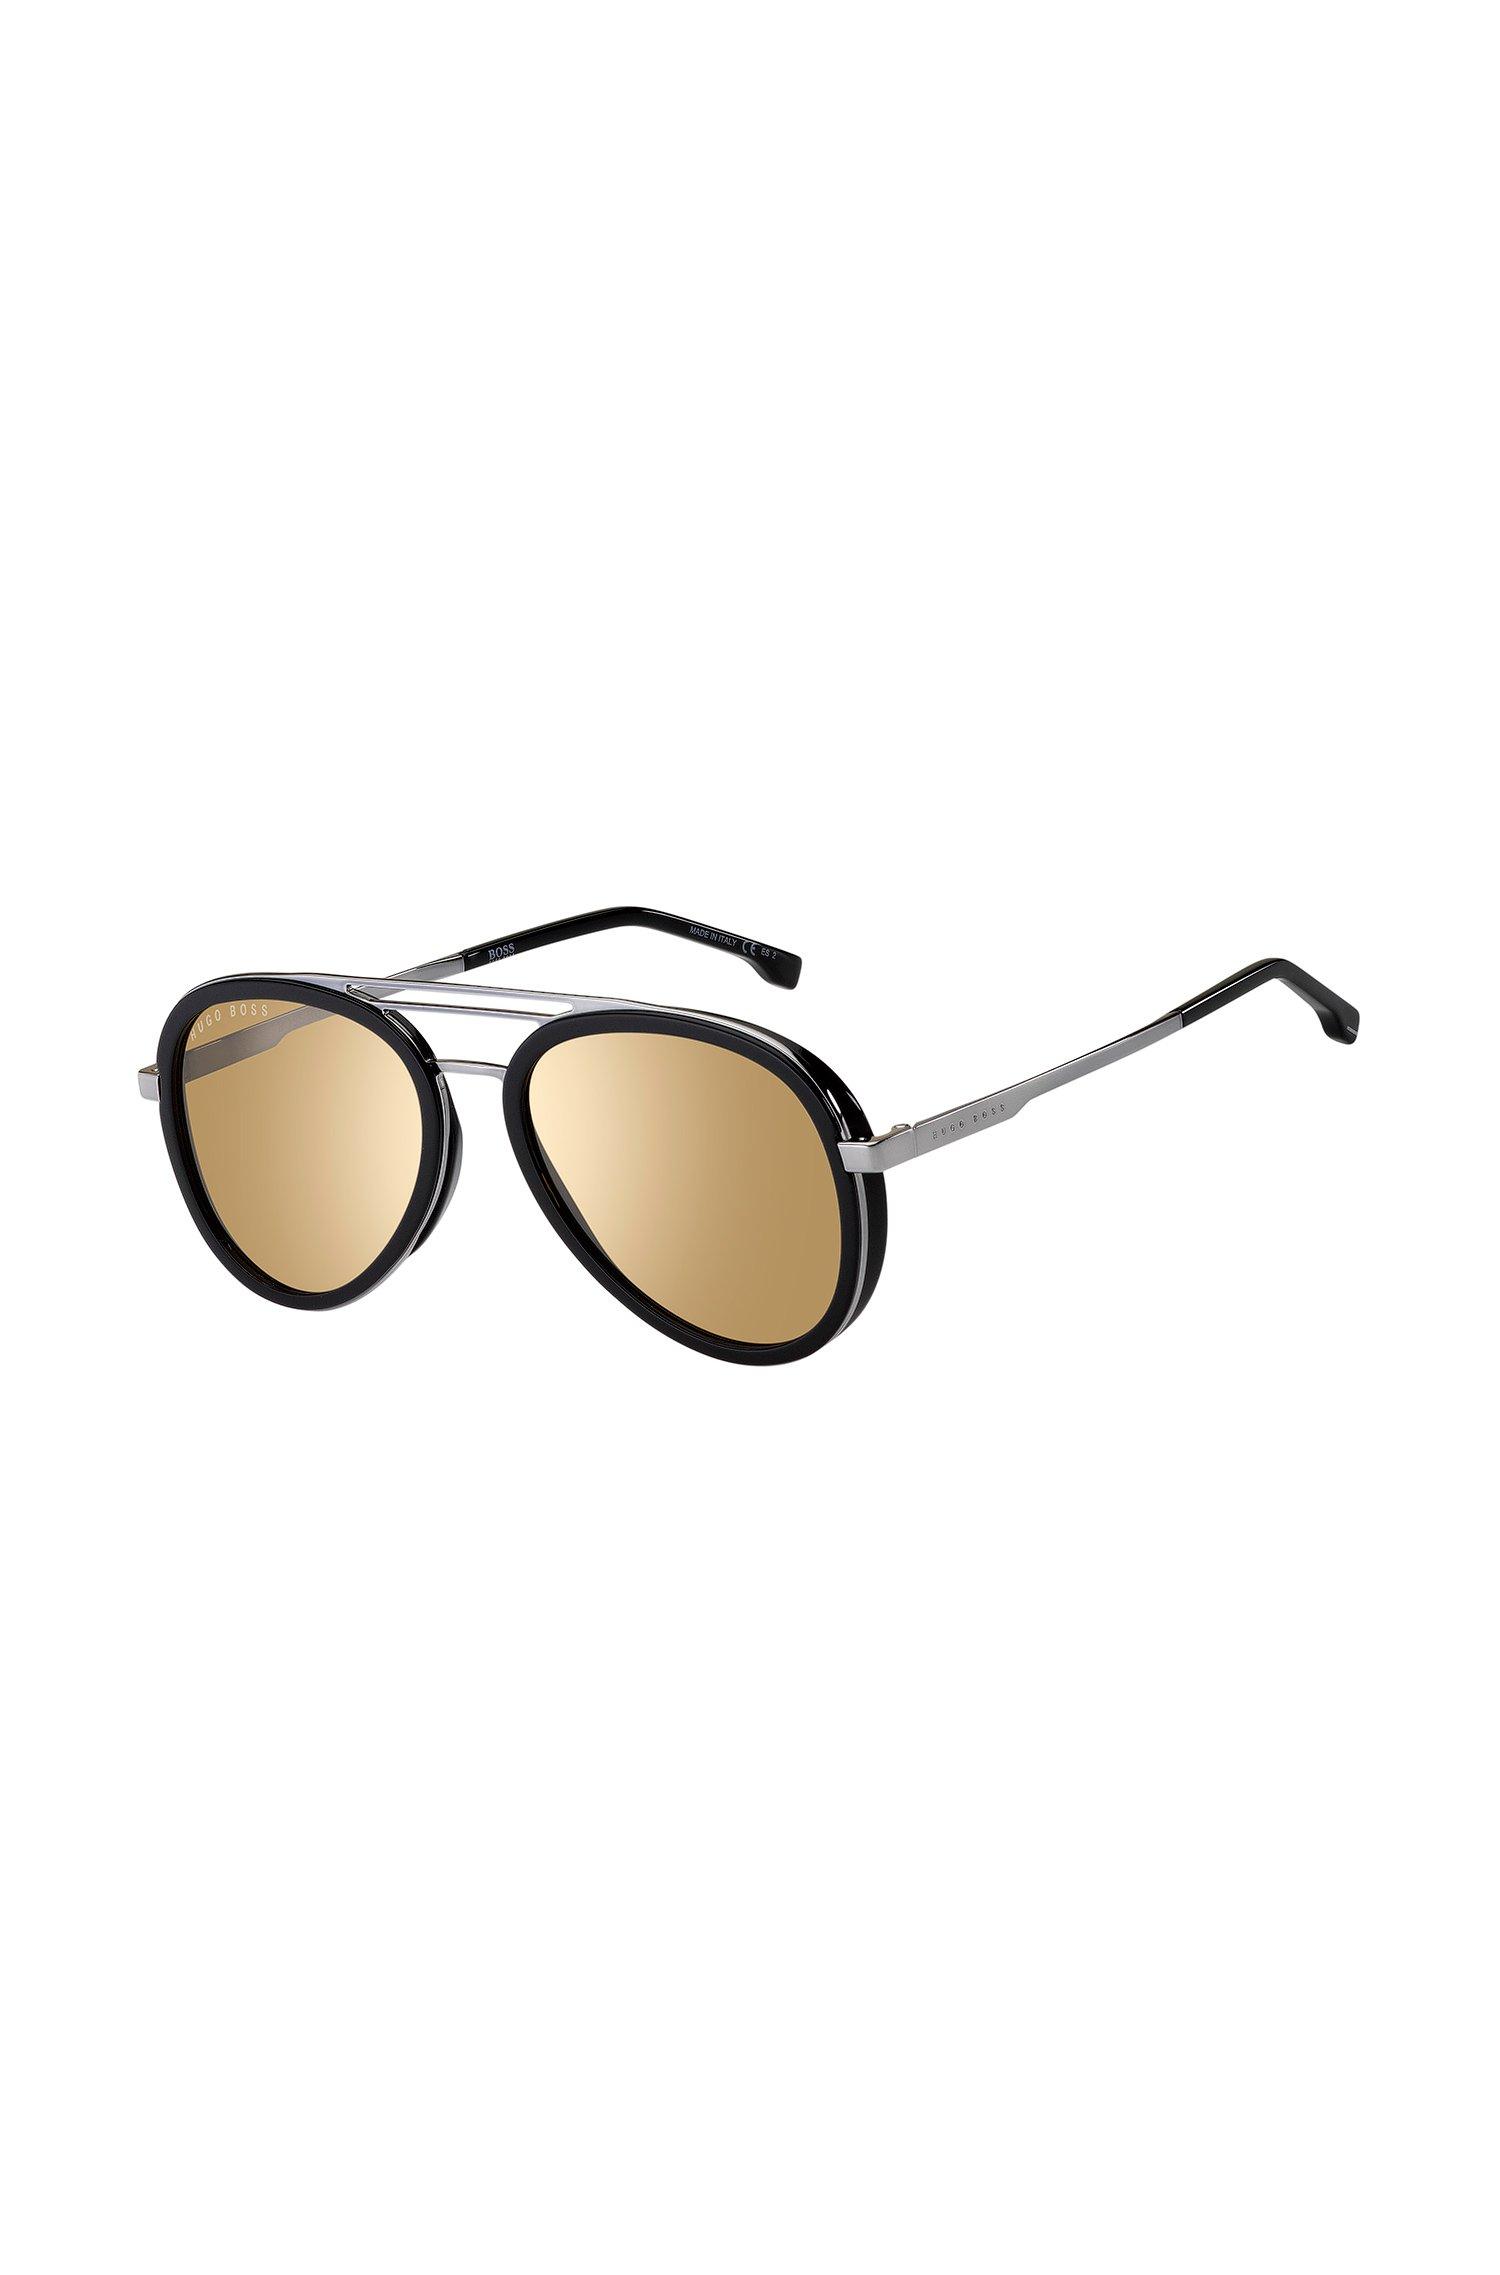 Zonnebril met drie neusbruggen en zwart en zilverkleurig montuur, Assorted-Pre-Pack